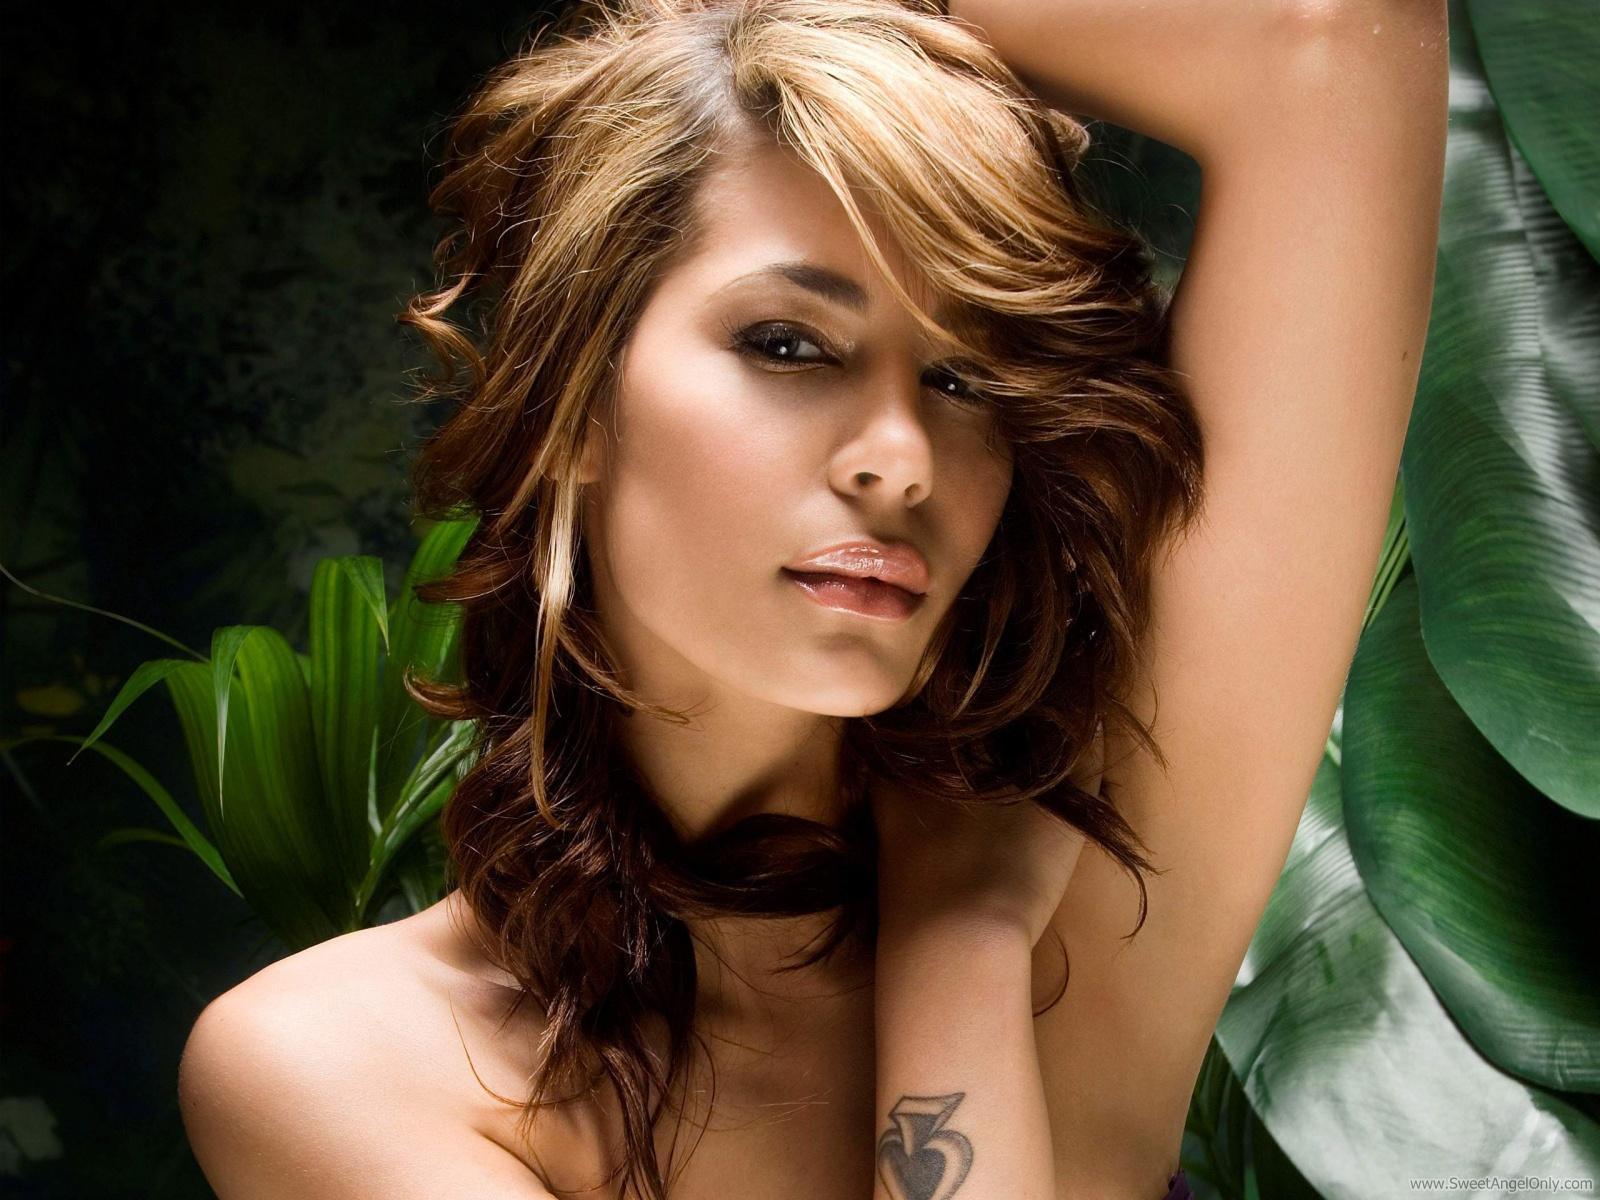 http://3.bp.blogspot.com/-2r62Ms3ssH8/TsDcY9slYNI/AAAAAAAAA3A/v8bdSoHWG2o/s1600/karima_adebibe_lips_hd_wallpaper-1600x1200.jpg